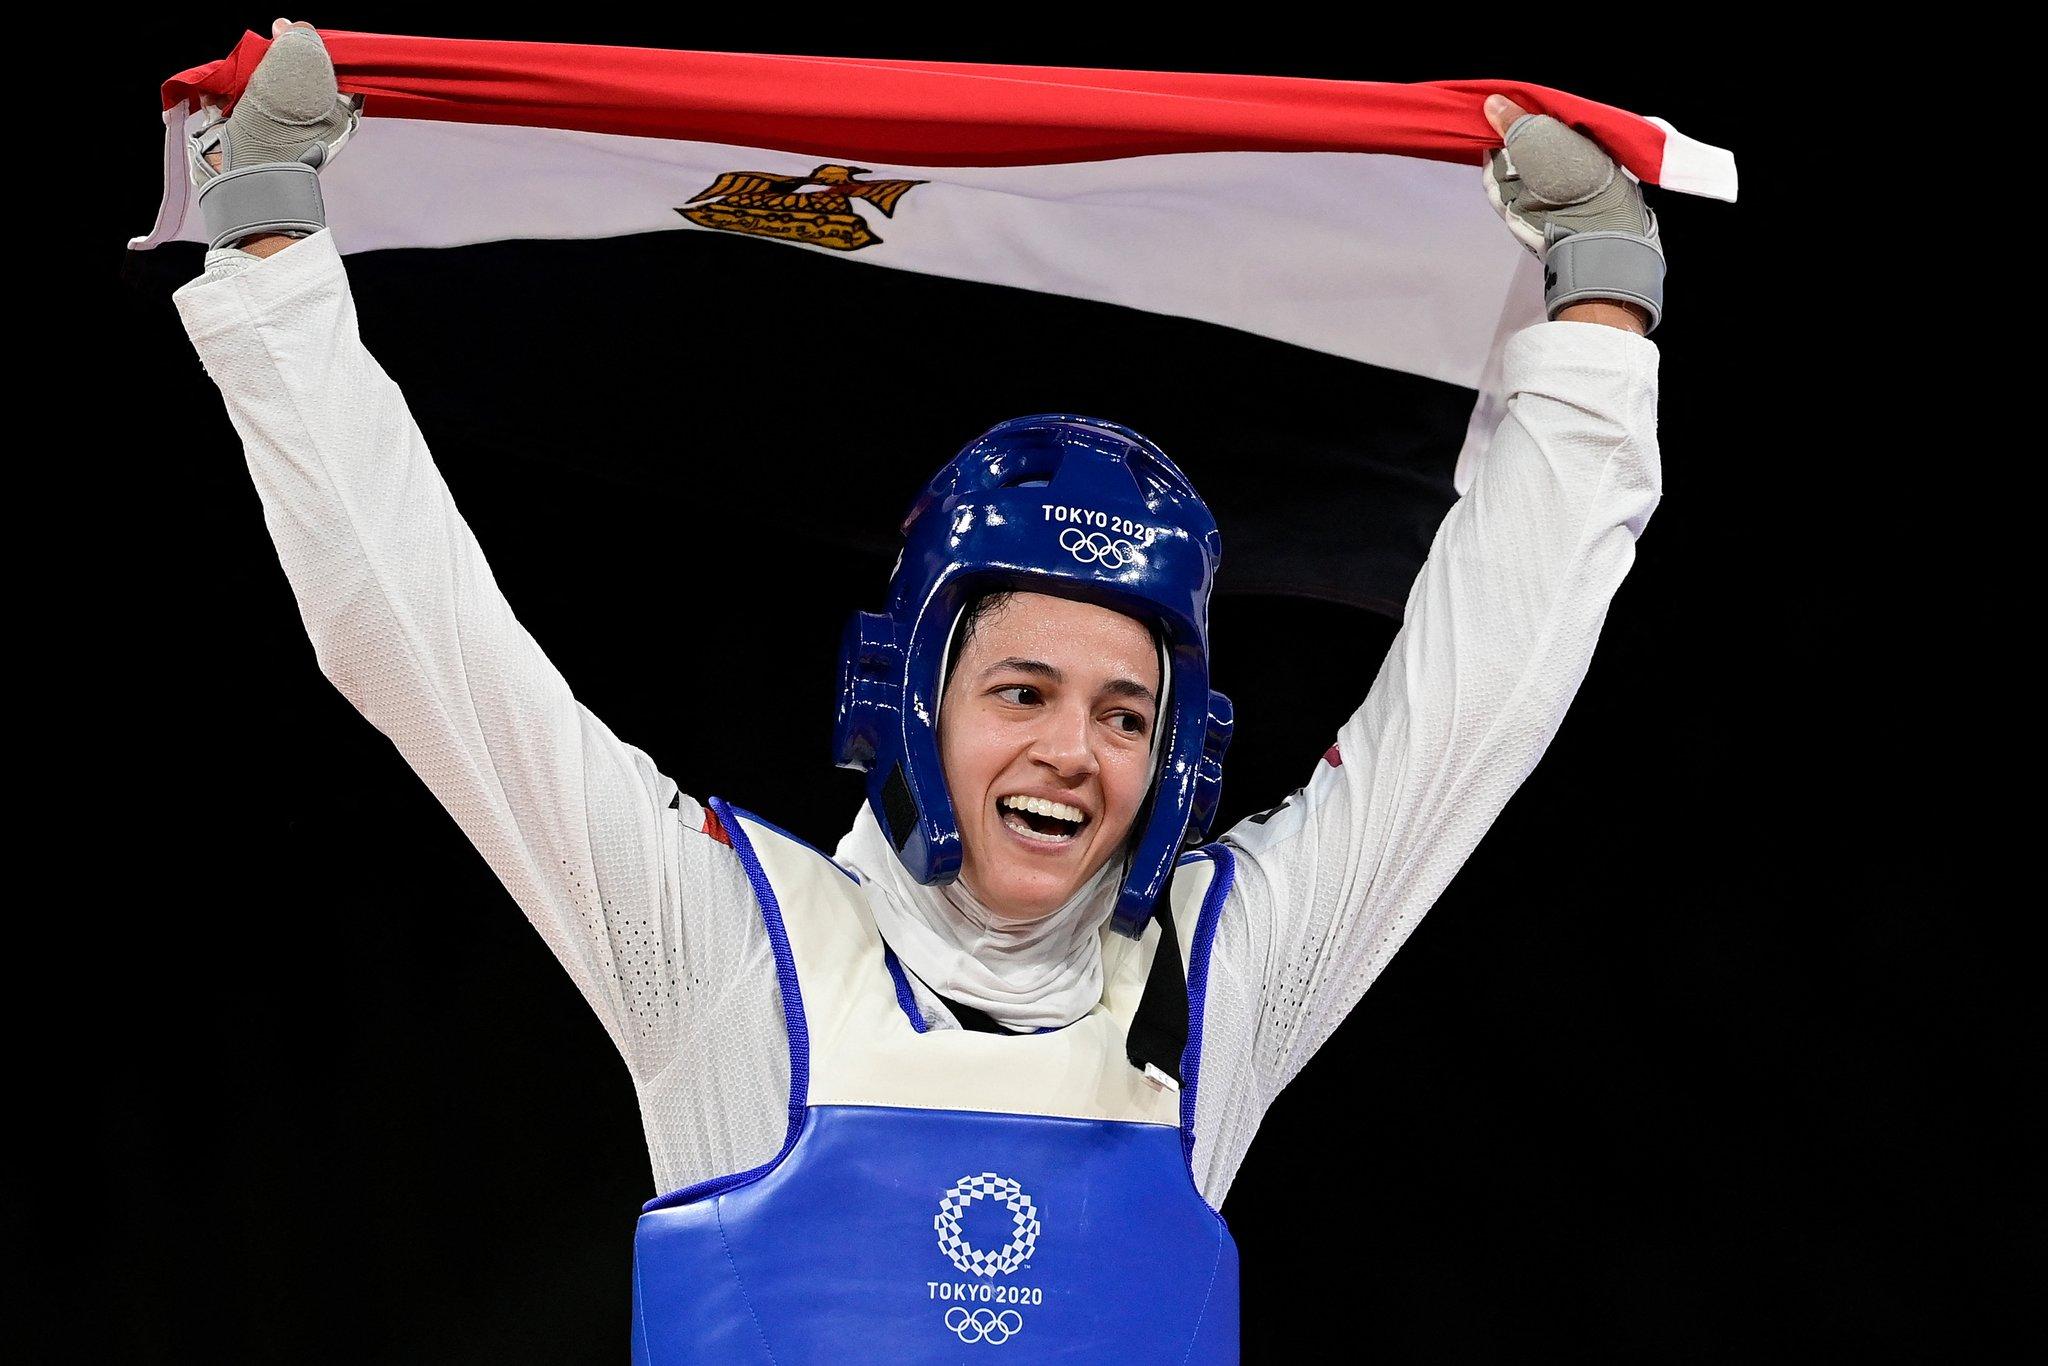 أولمبياد طوكيو - البطلة المصرية هداية ملاك المتوجه ببرونزية التايكوندو